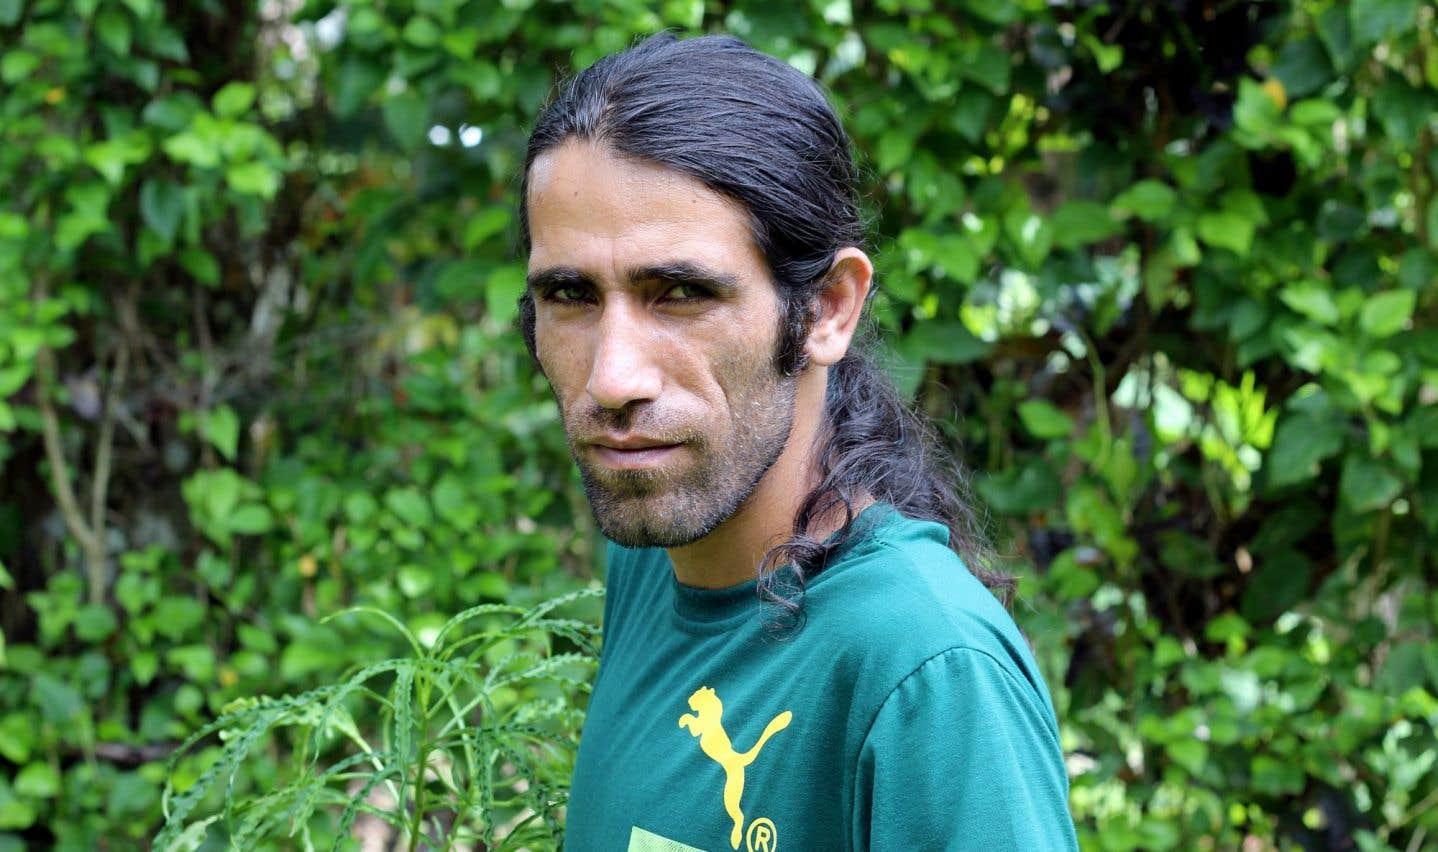 Le journaliste et réalisateur Behrouz Boochani